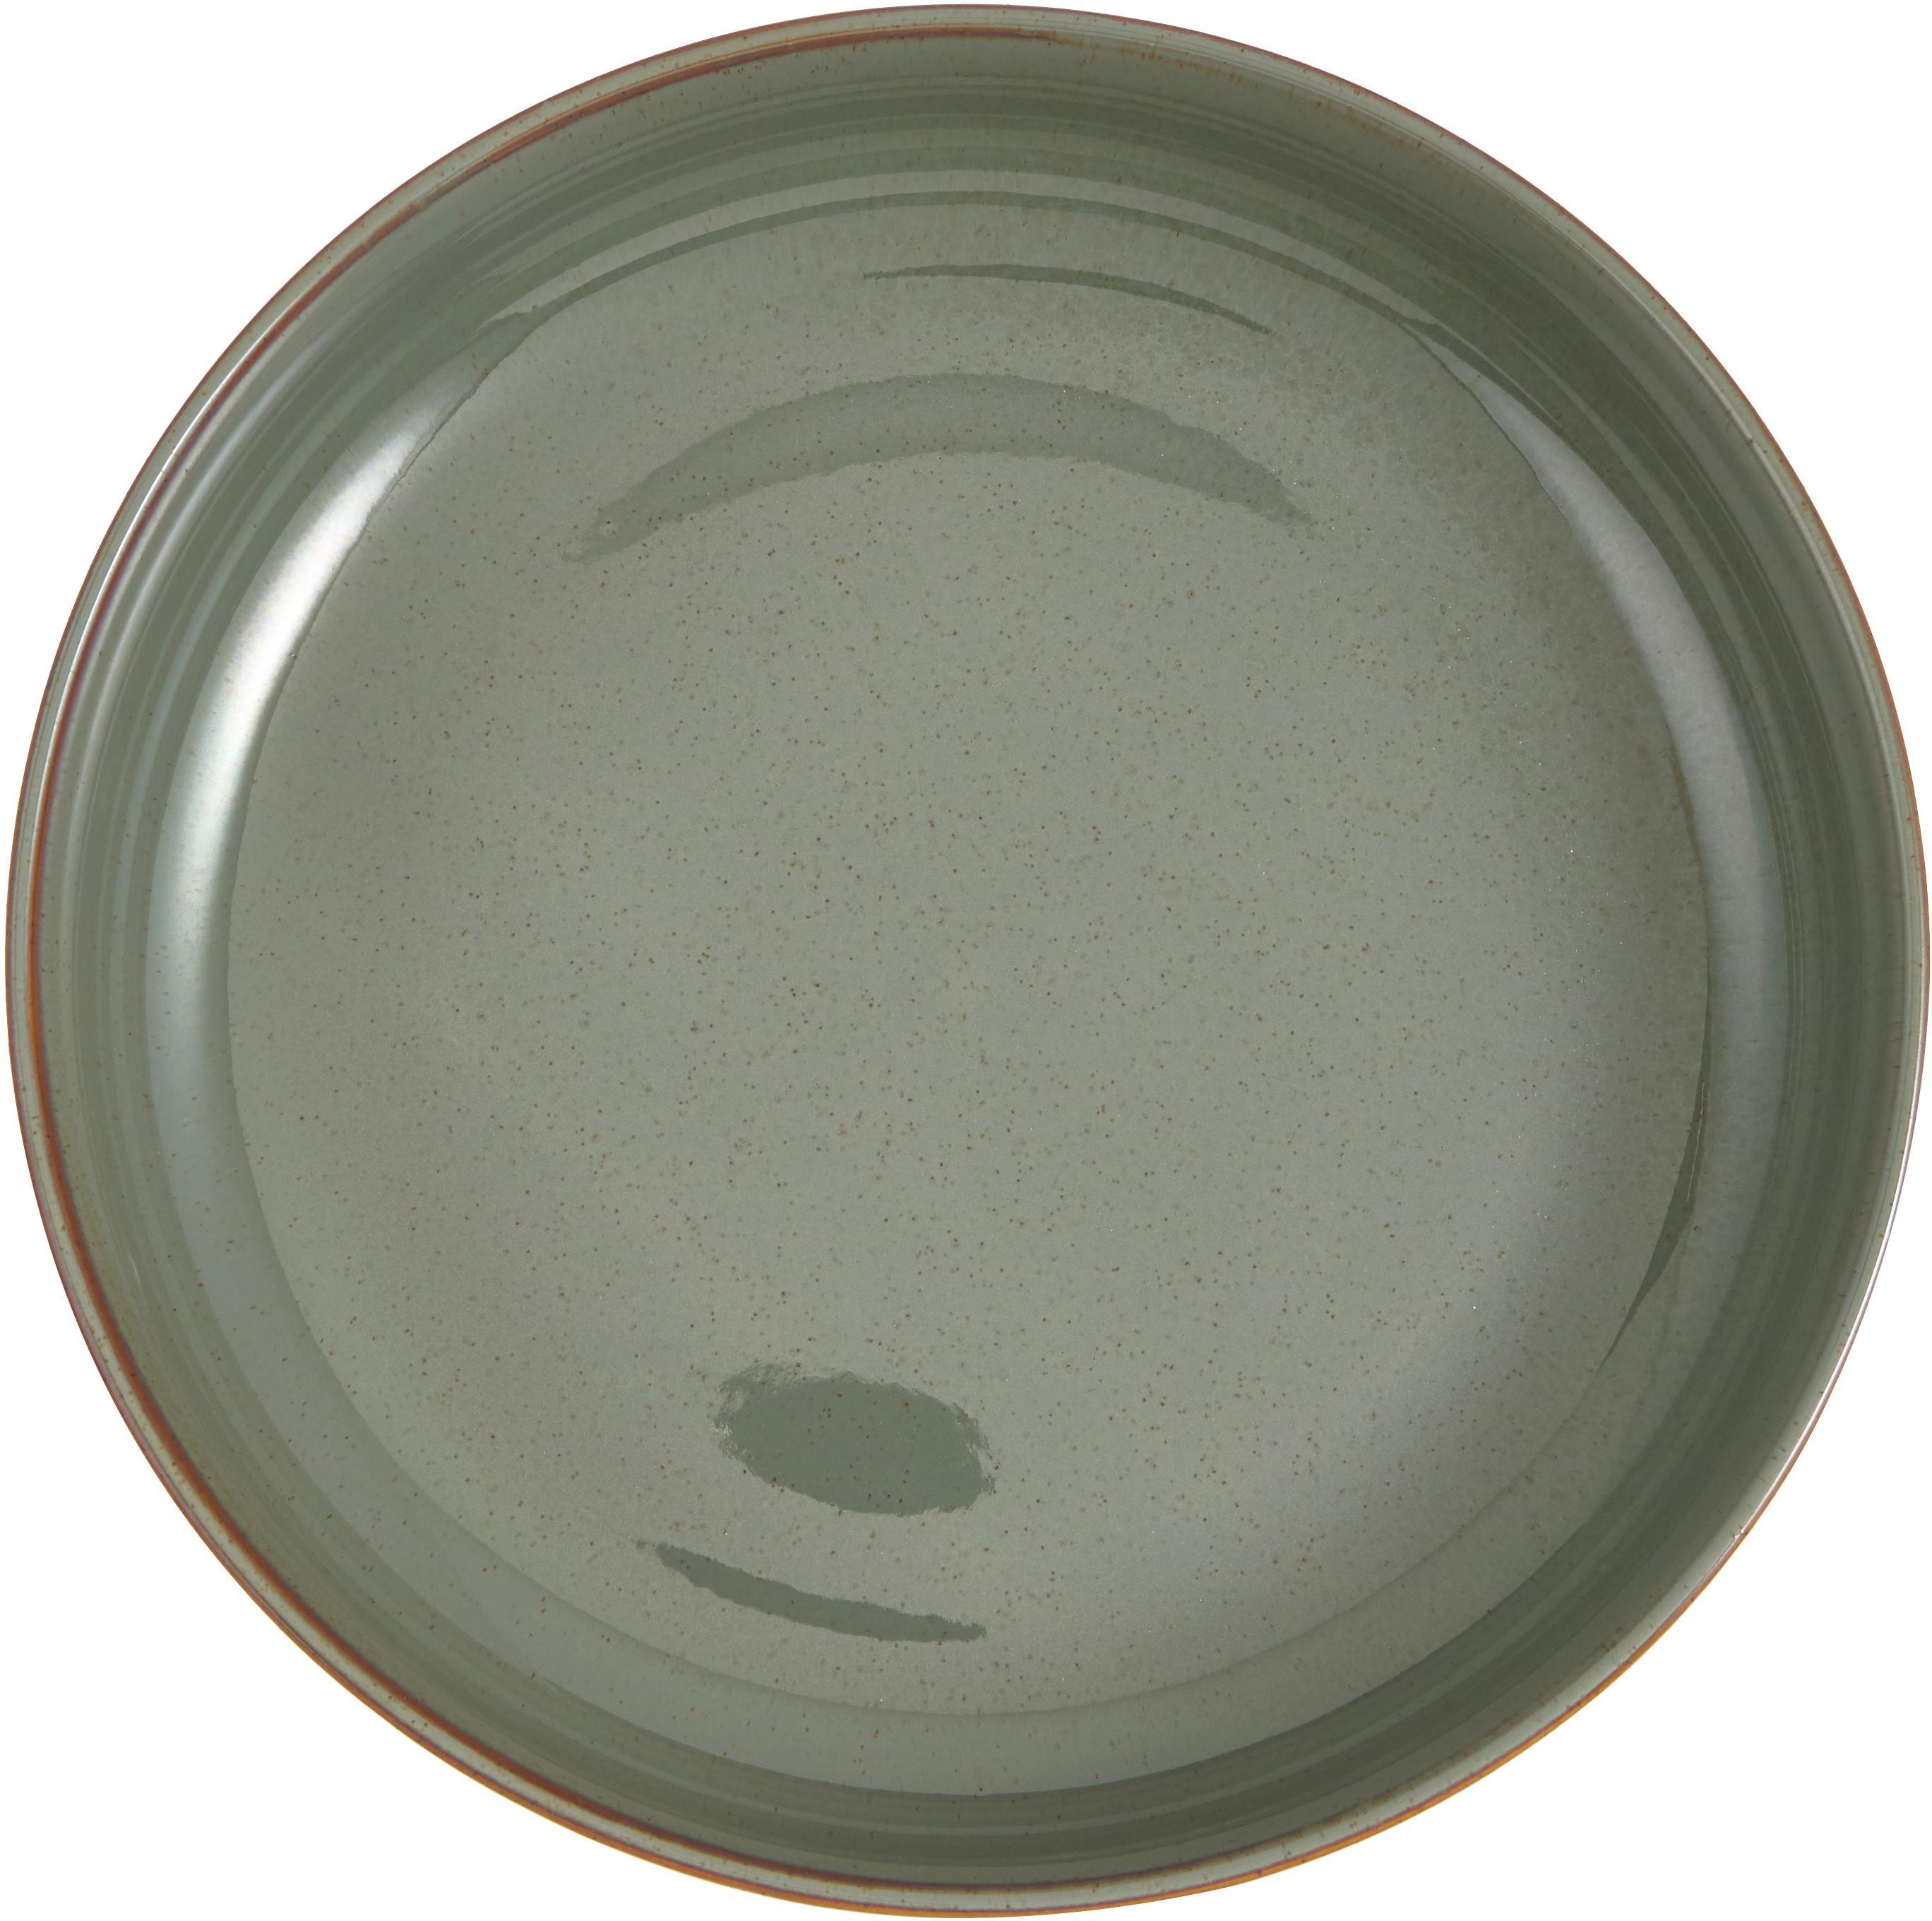 Miska do serwowania Pixie, Kamionka, Odcienie zielonego, Ø 28 x W 7 cm